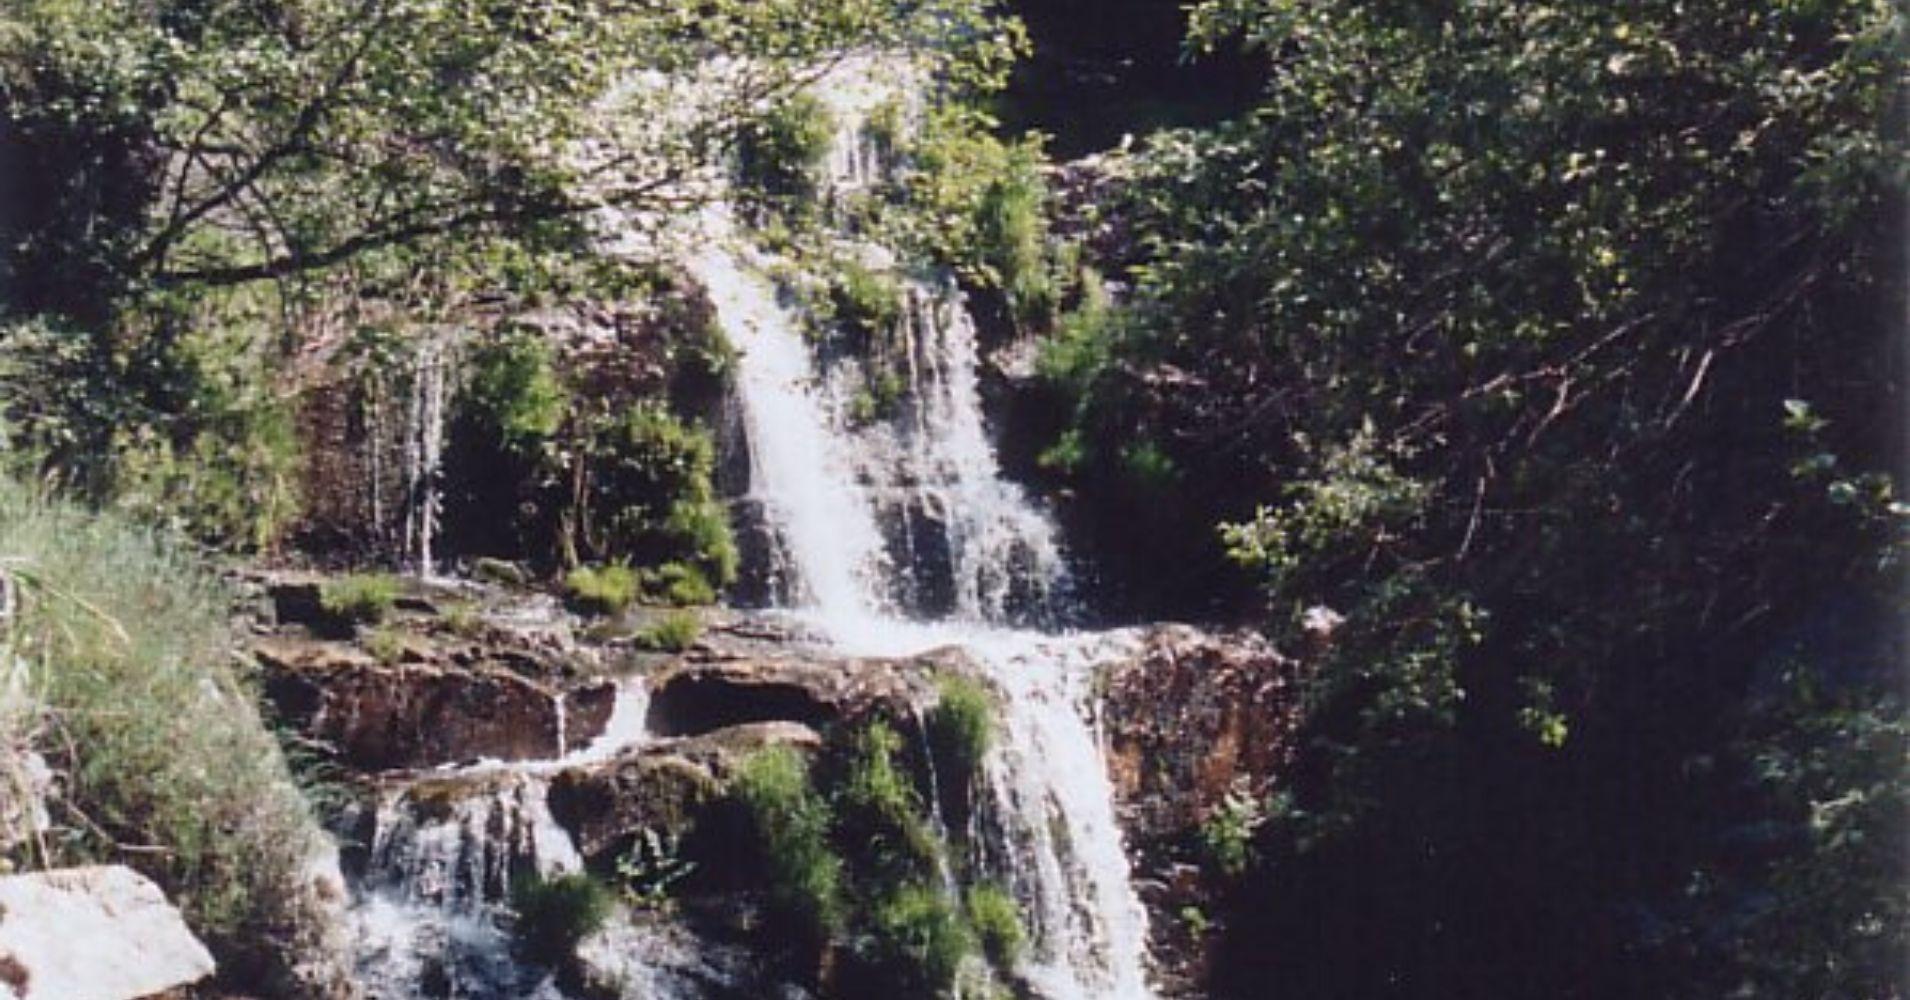 Cascada Garganta del Charco de la Hoya, La Adrada. Ávila.